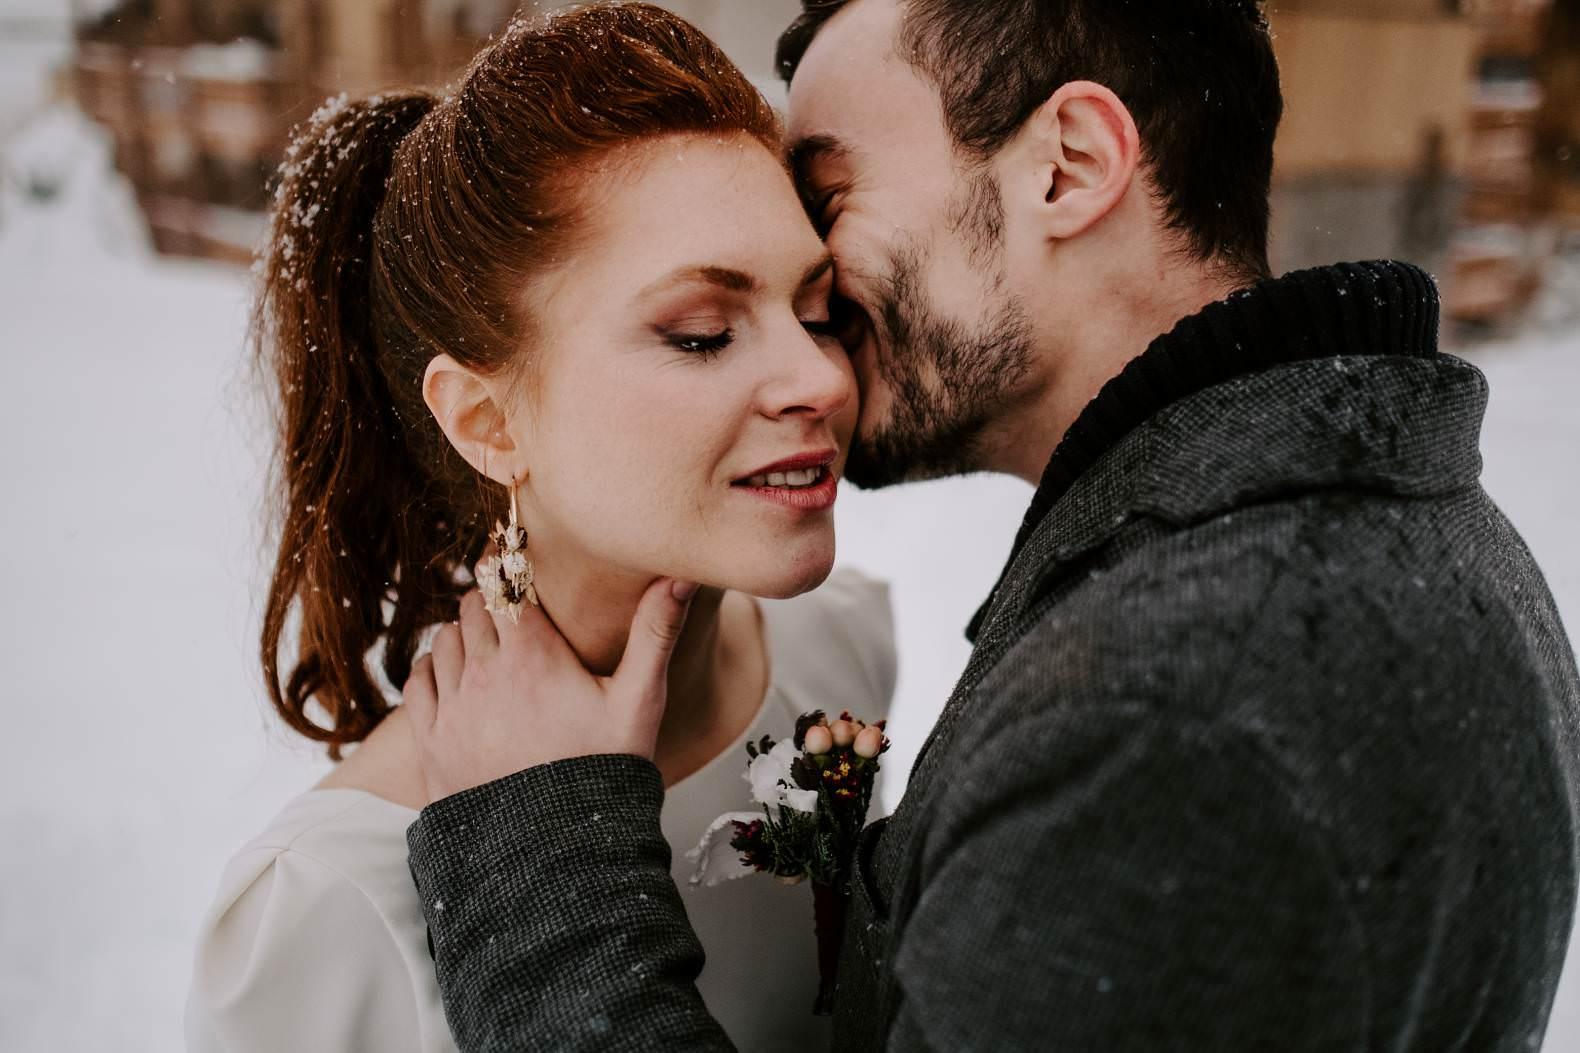 mariage hiver alpes huez isere hotel grandes rousses photographe bel esprit 0033